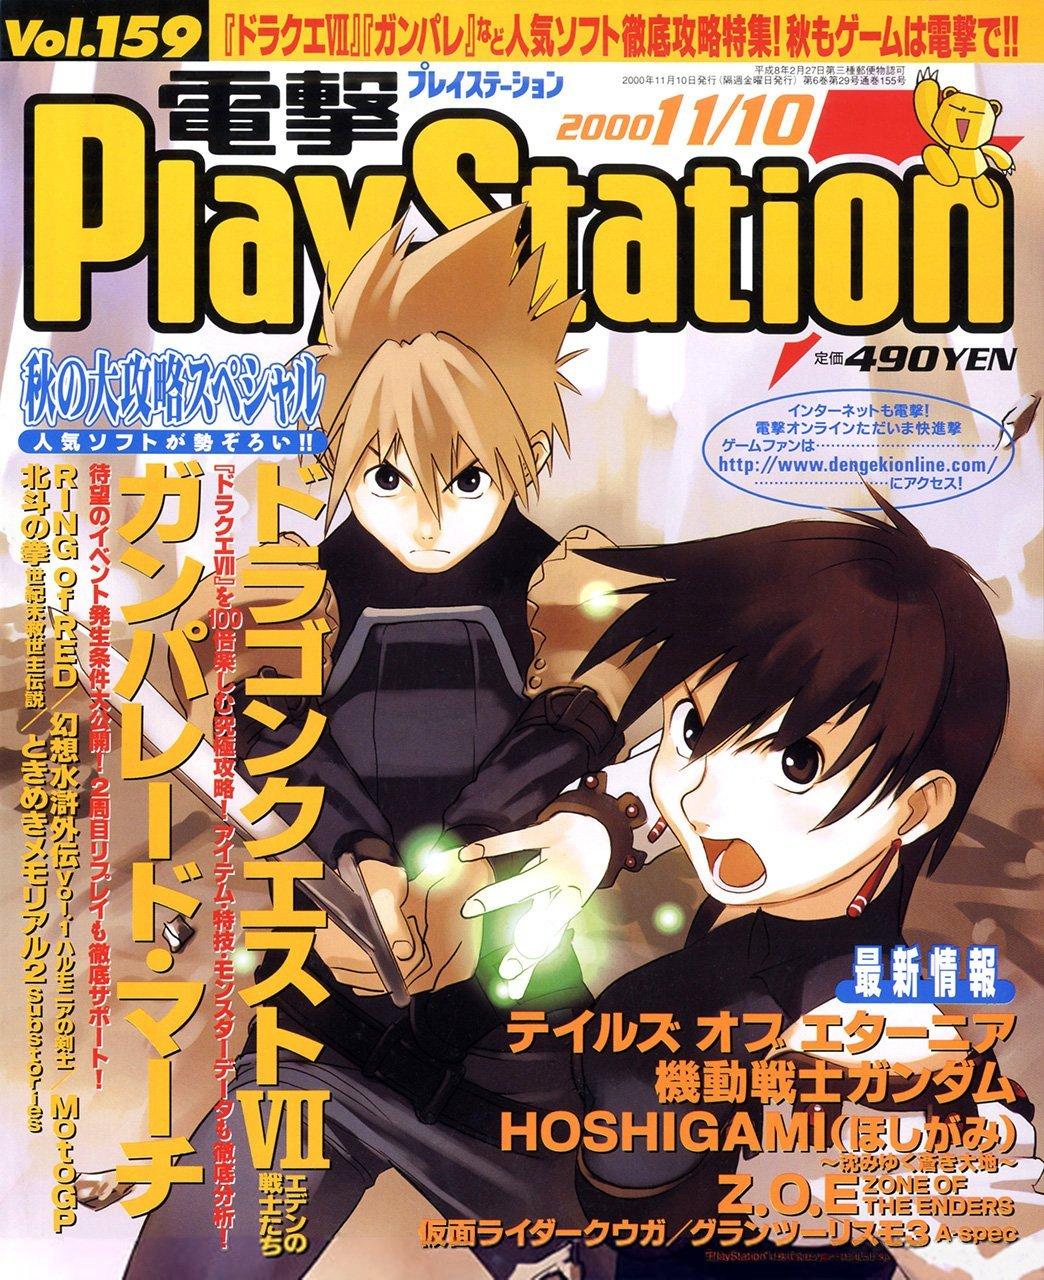 Dengeki PlayStation 159 (November 10, 2000)